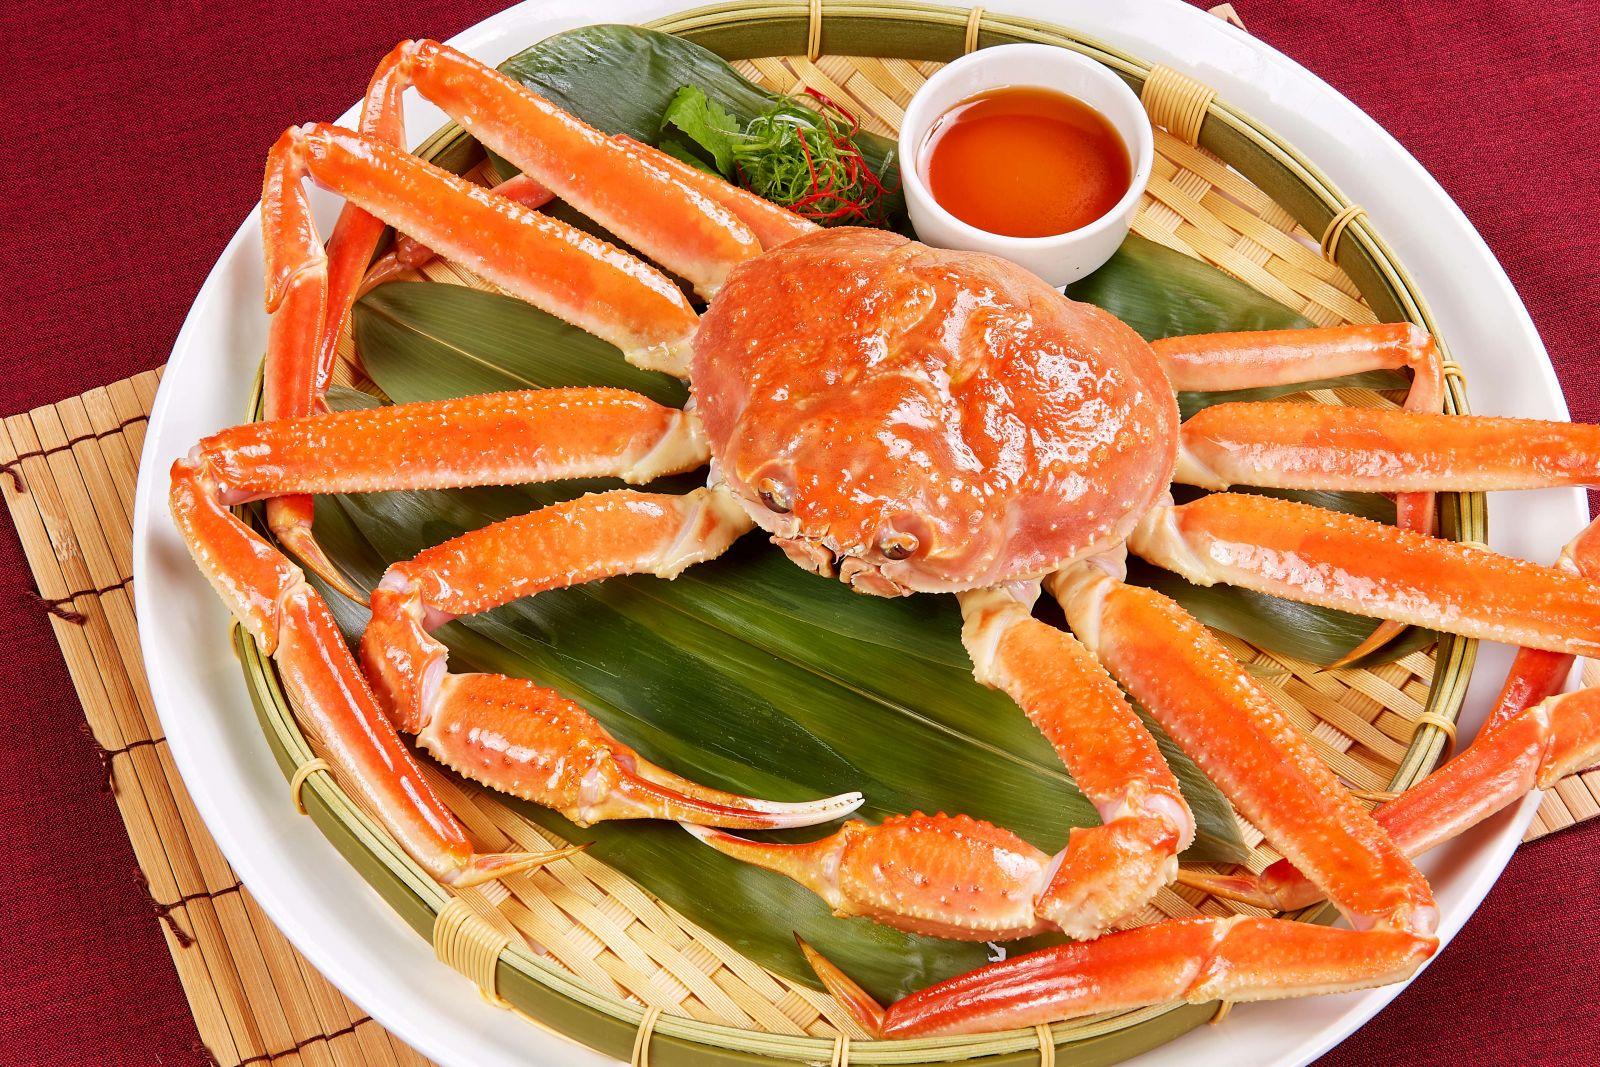 【母親節美顏養生外帶套餐】在家輕鬆享受川粵融合的五星饗宴 讓媽媽越吃越美麗